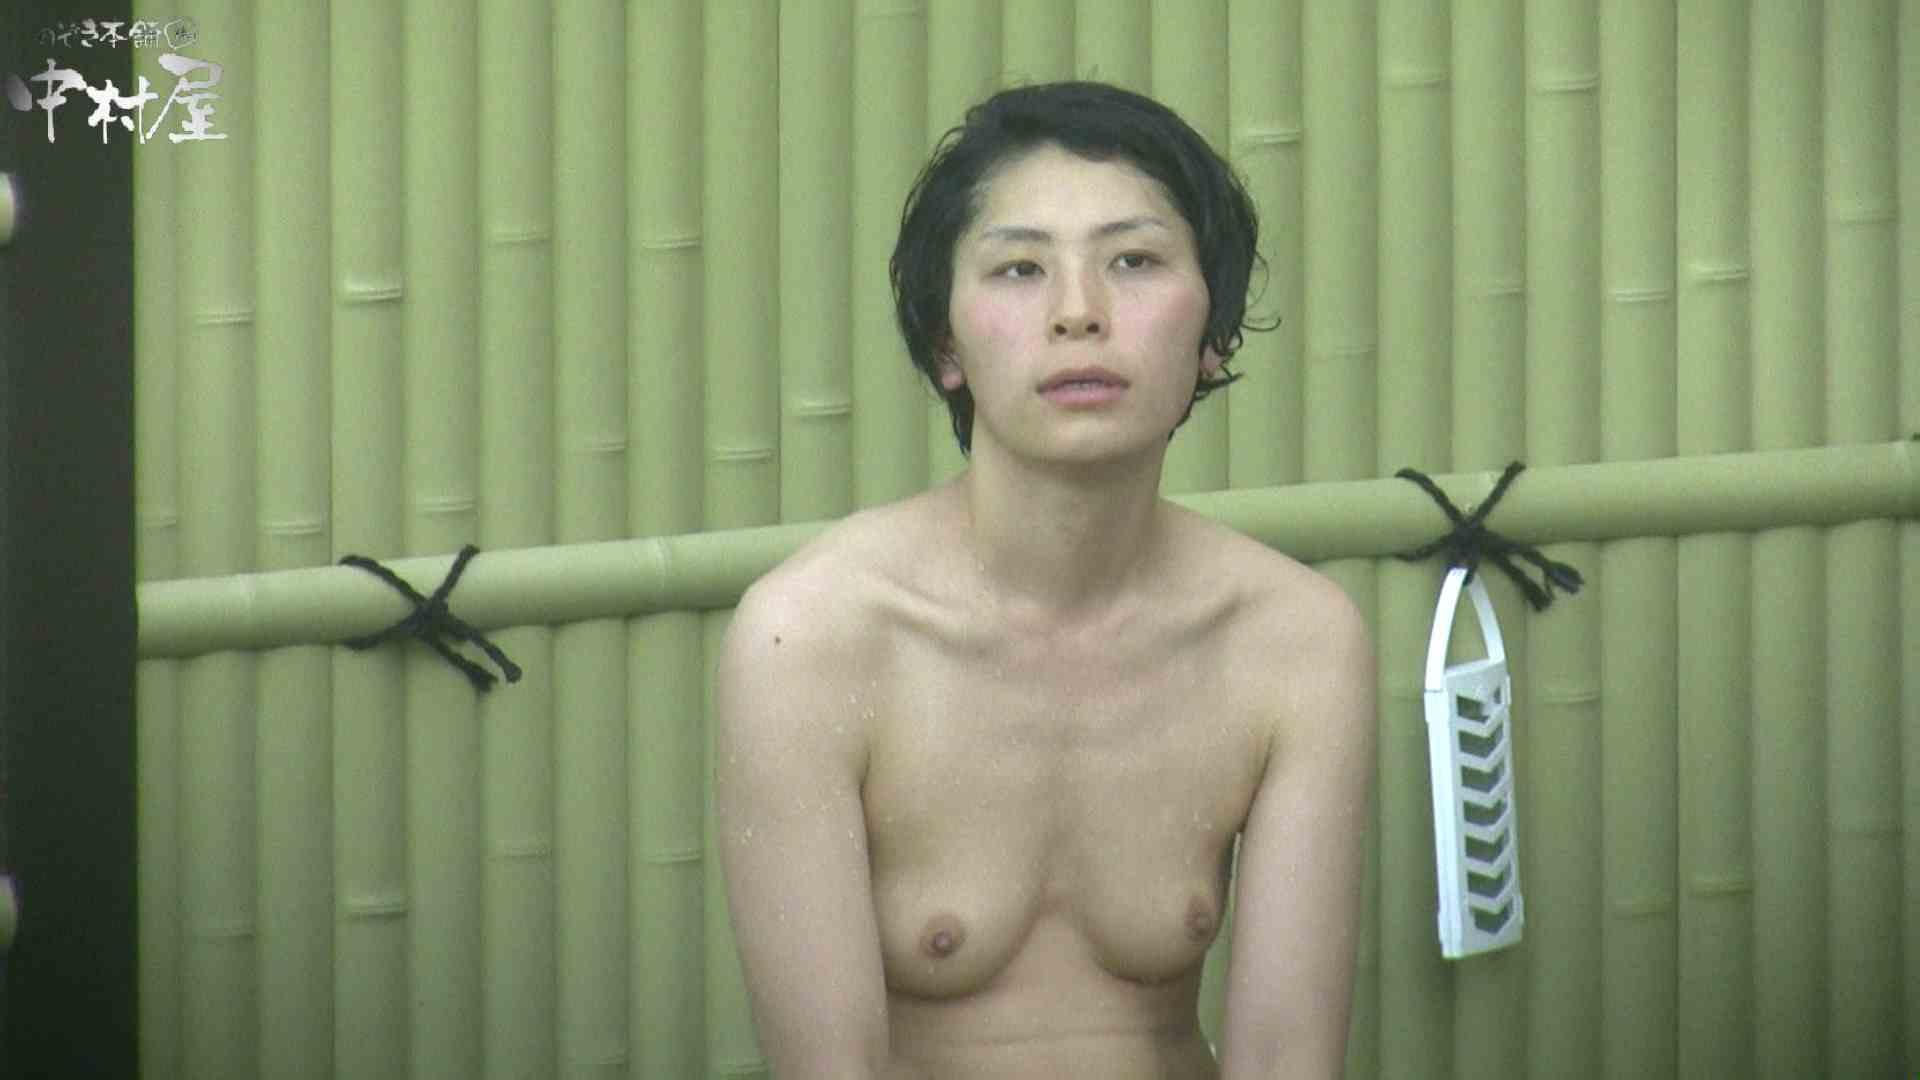 Aquaな露天風呂Vol.970 盗撮 オメコ無修正動画無料 97画像 44